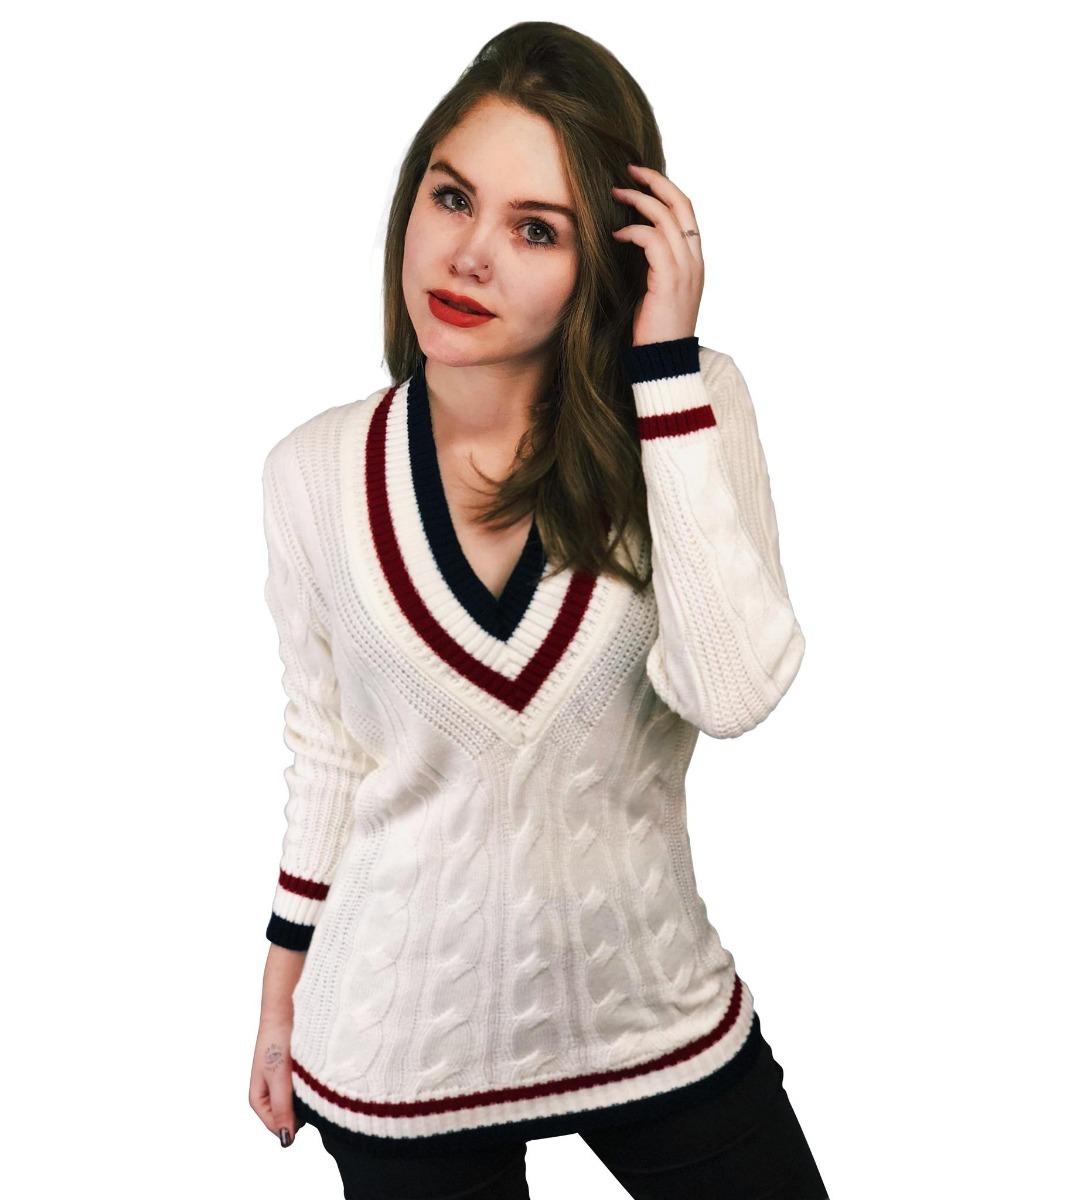 d71ee3f454 blusa tricot feminino colegial decote v frio manga longa. Carregando zoom.